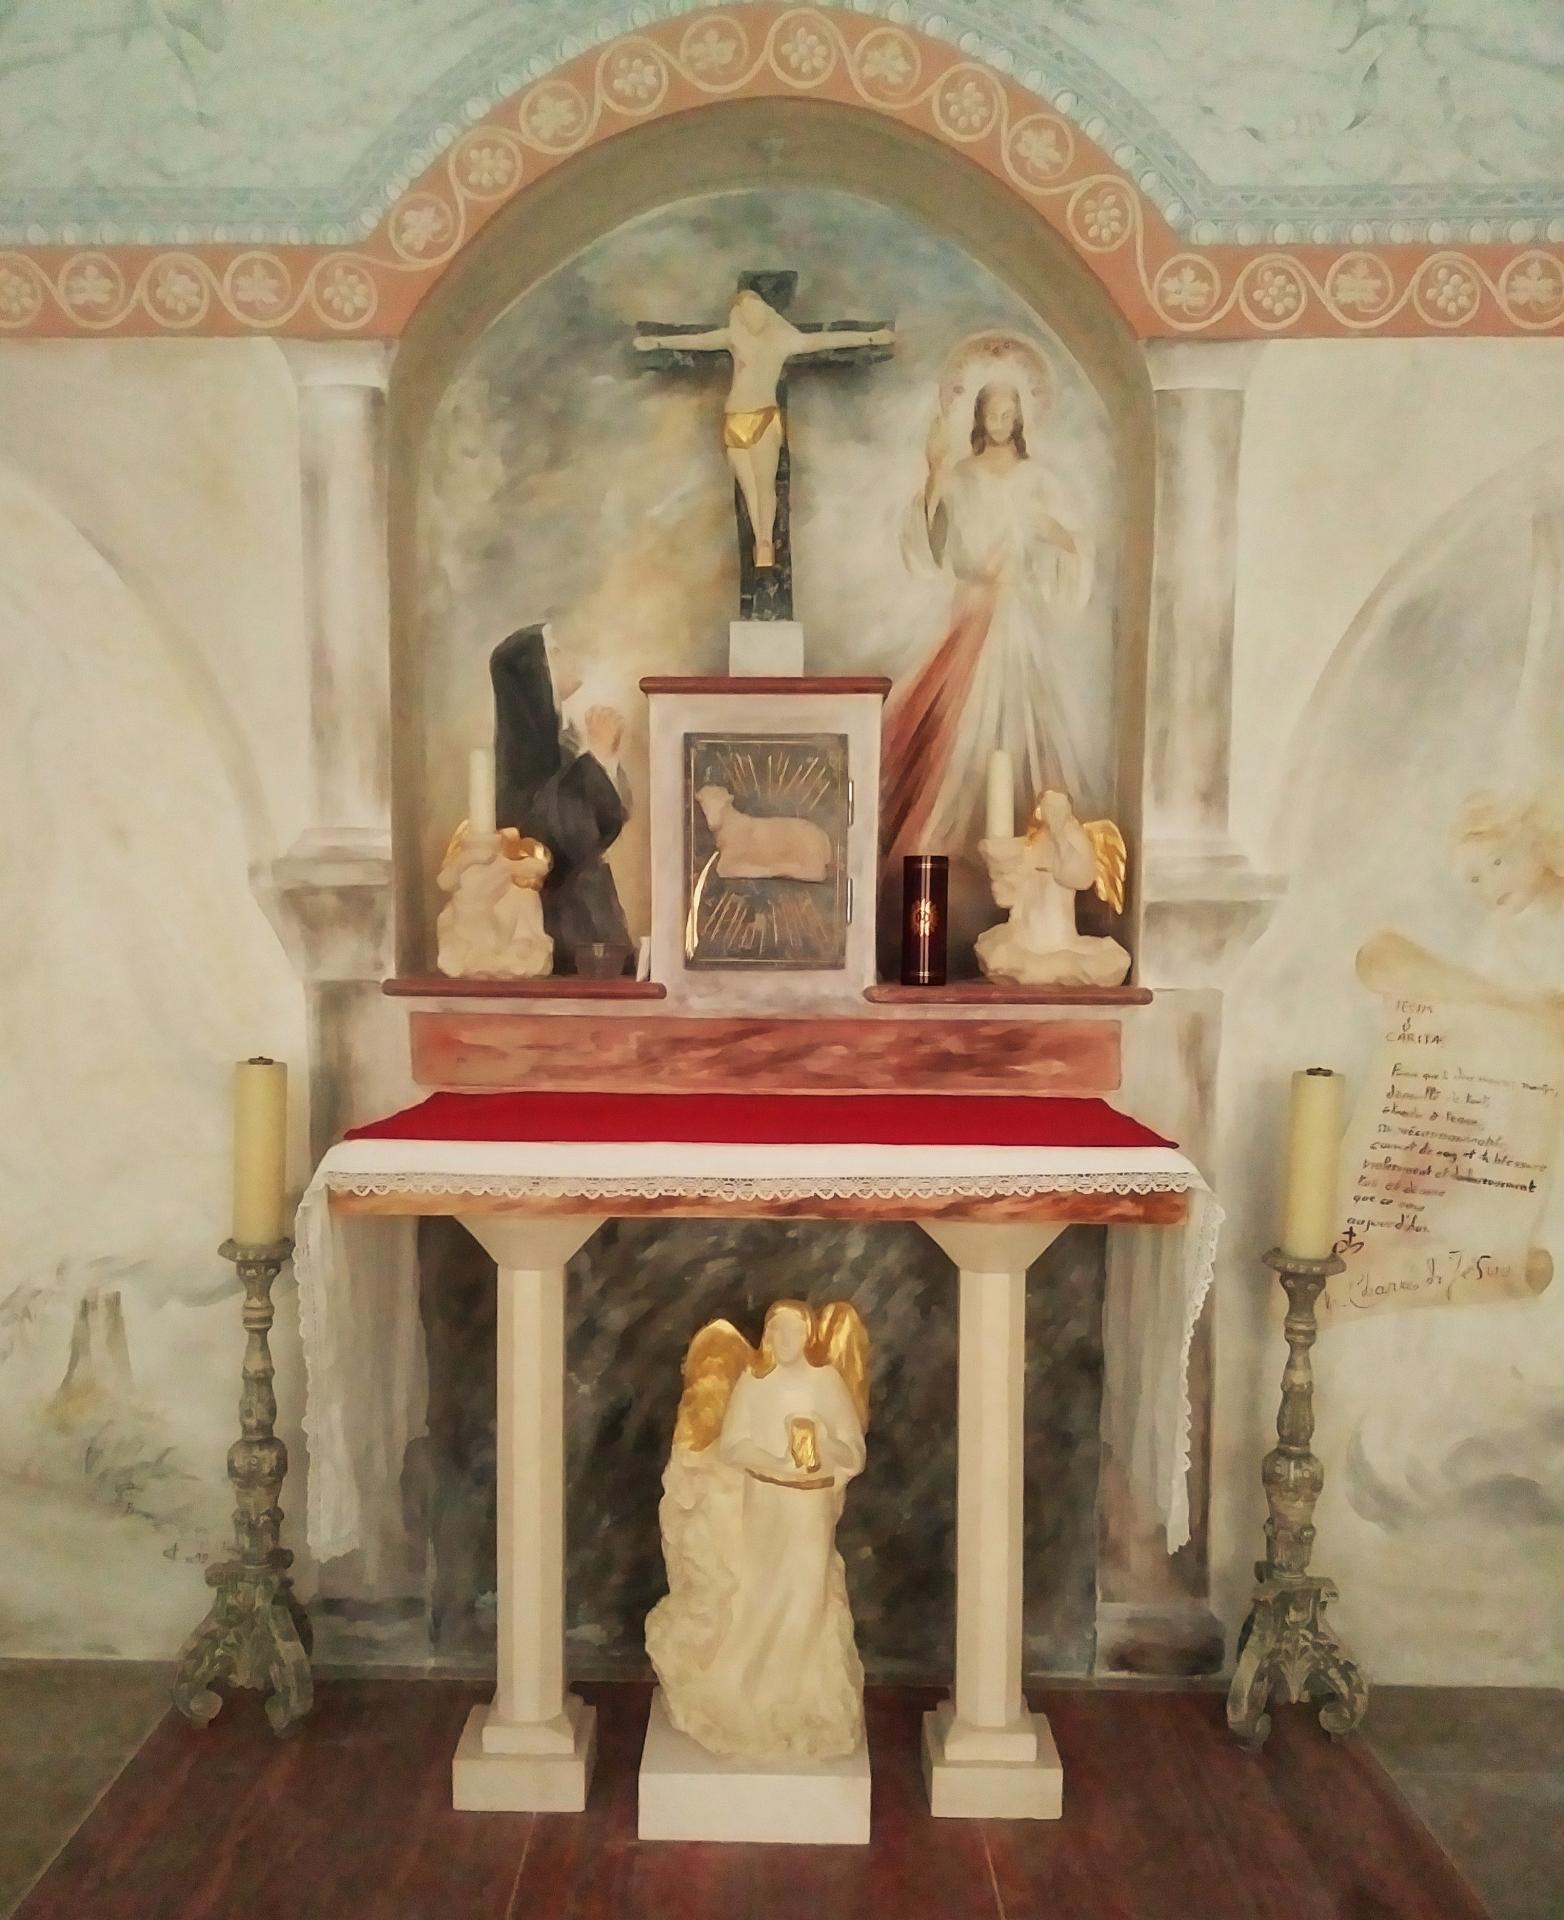 Chapelle de la misericorde fresque et mobilier liturgique